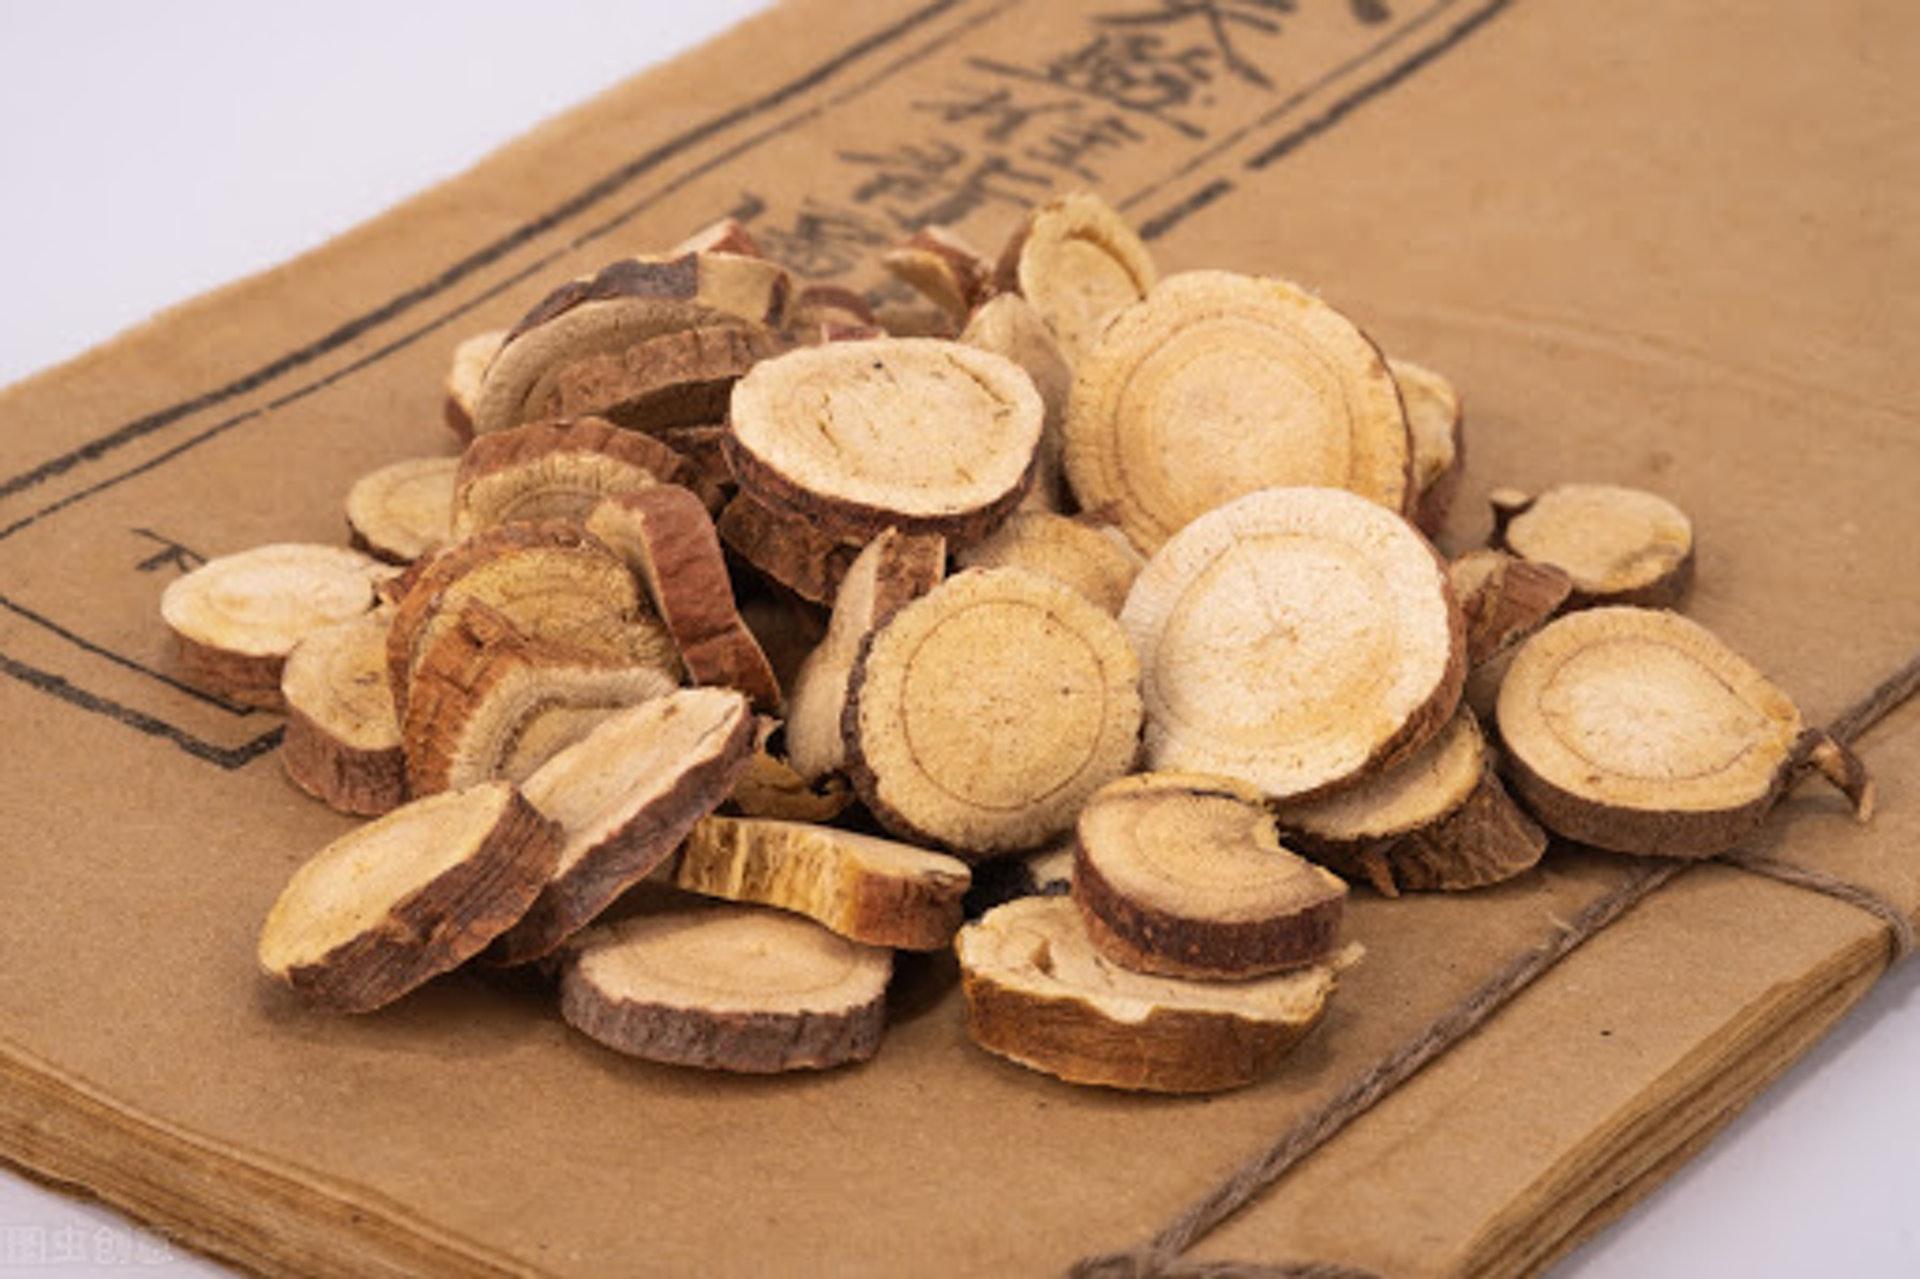 生甘草有清熱解毒、祛痰止咳的功效。(圖片:suizseo)